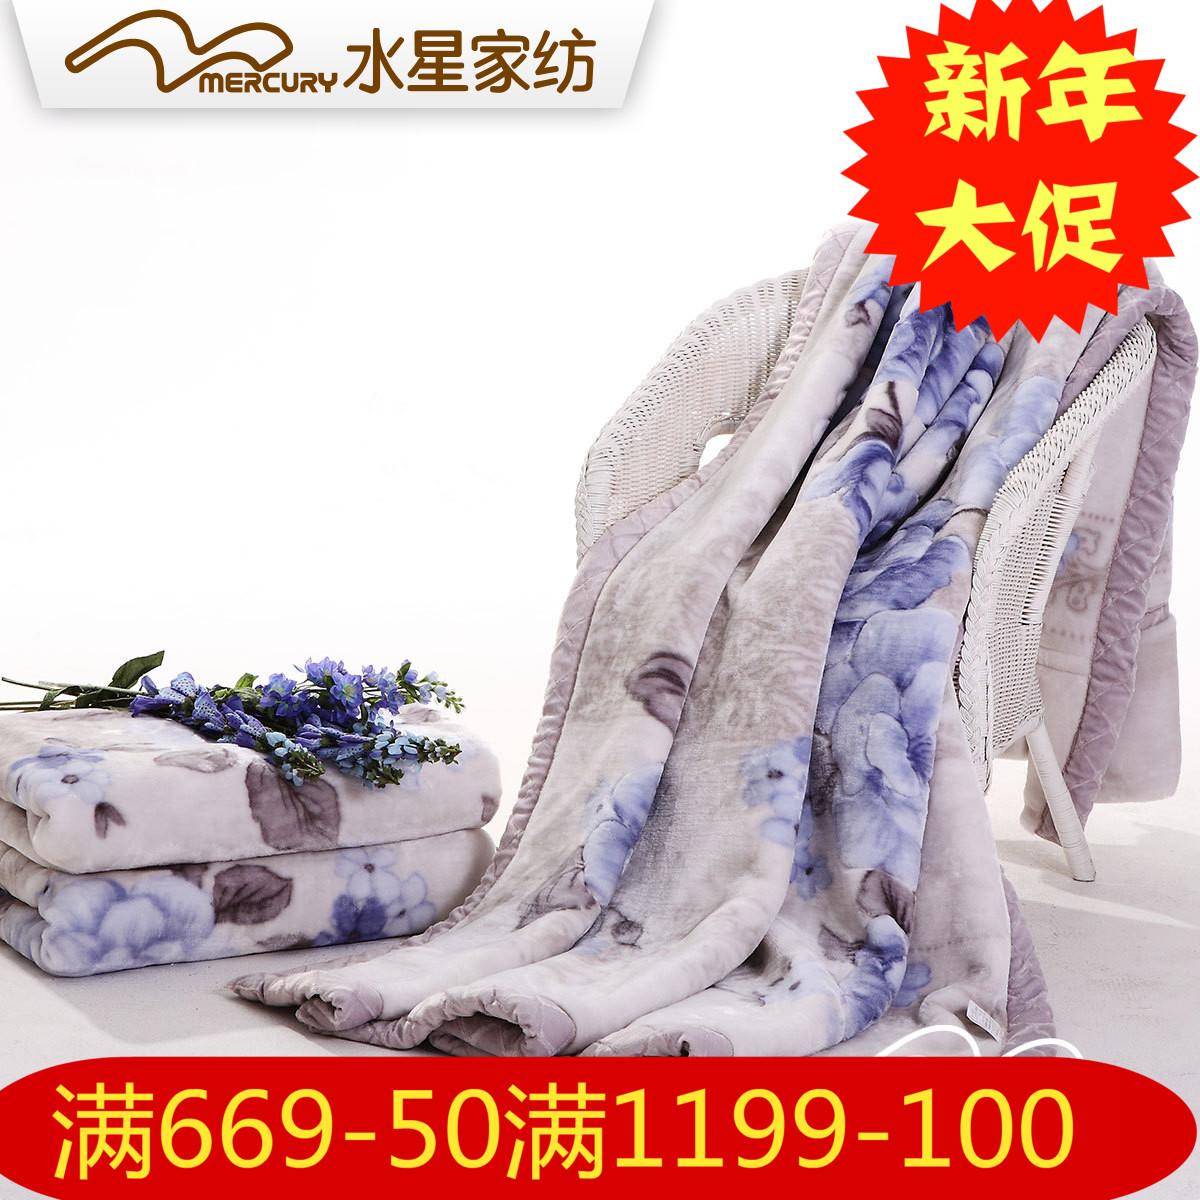 水星家纺 舒适拉舍尔双层毛毯/加厚毛毯山茶花之恋 毯子 秋冬款